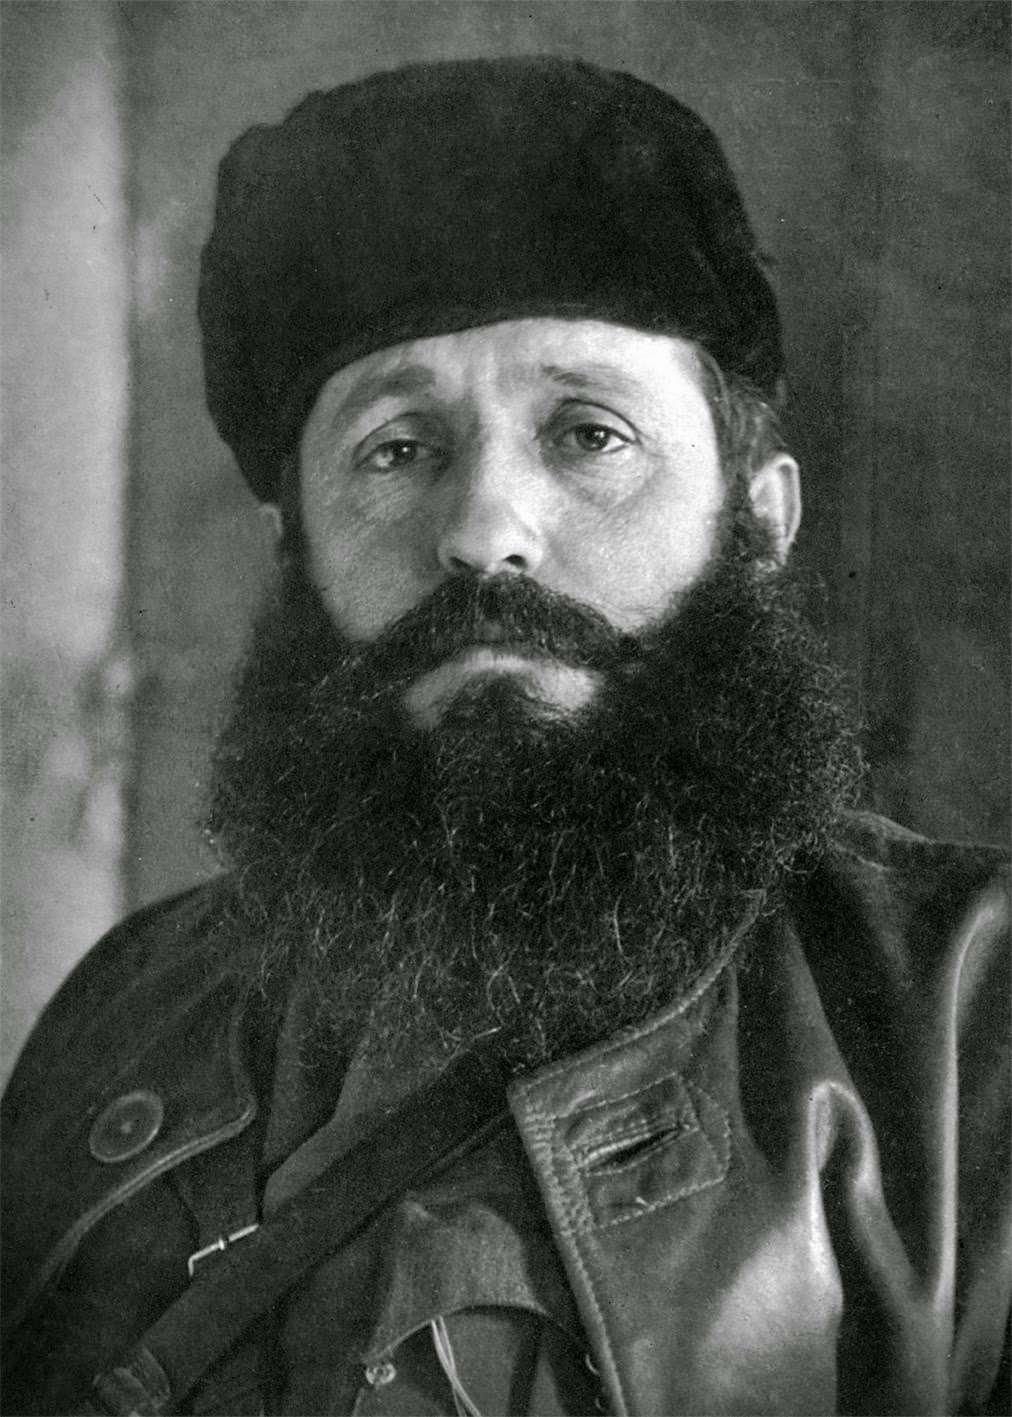 Ο Θανάσης Κλάρας (Λαμία, 27 Αυγούστου 1905 – Μεσούντα, 15 Ιουνίου 1945), γνωστός ως Άρης Βελουχιώτης,